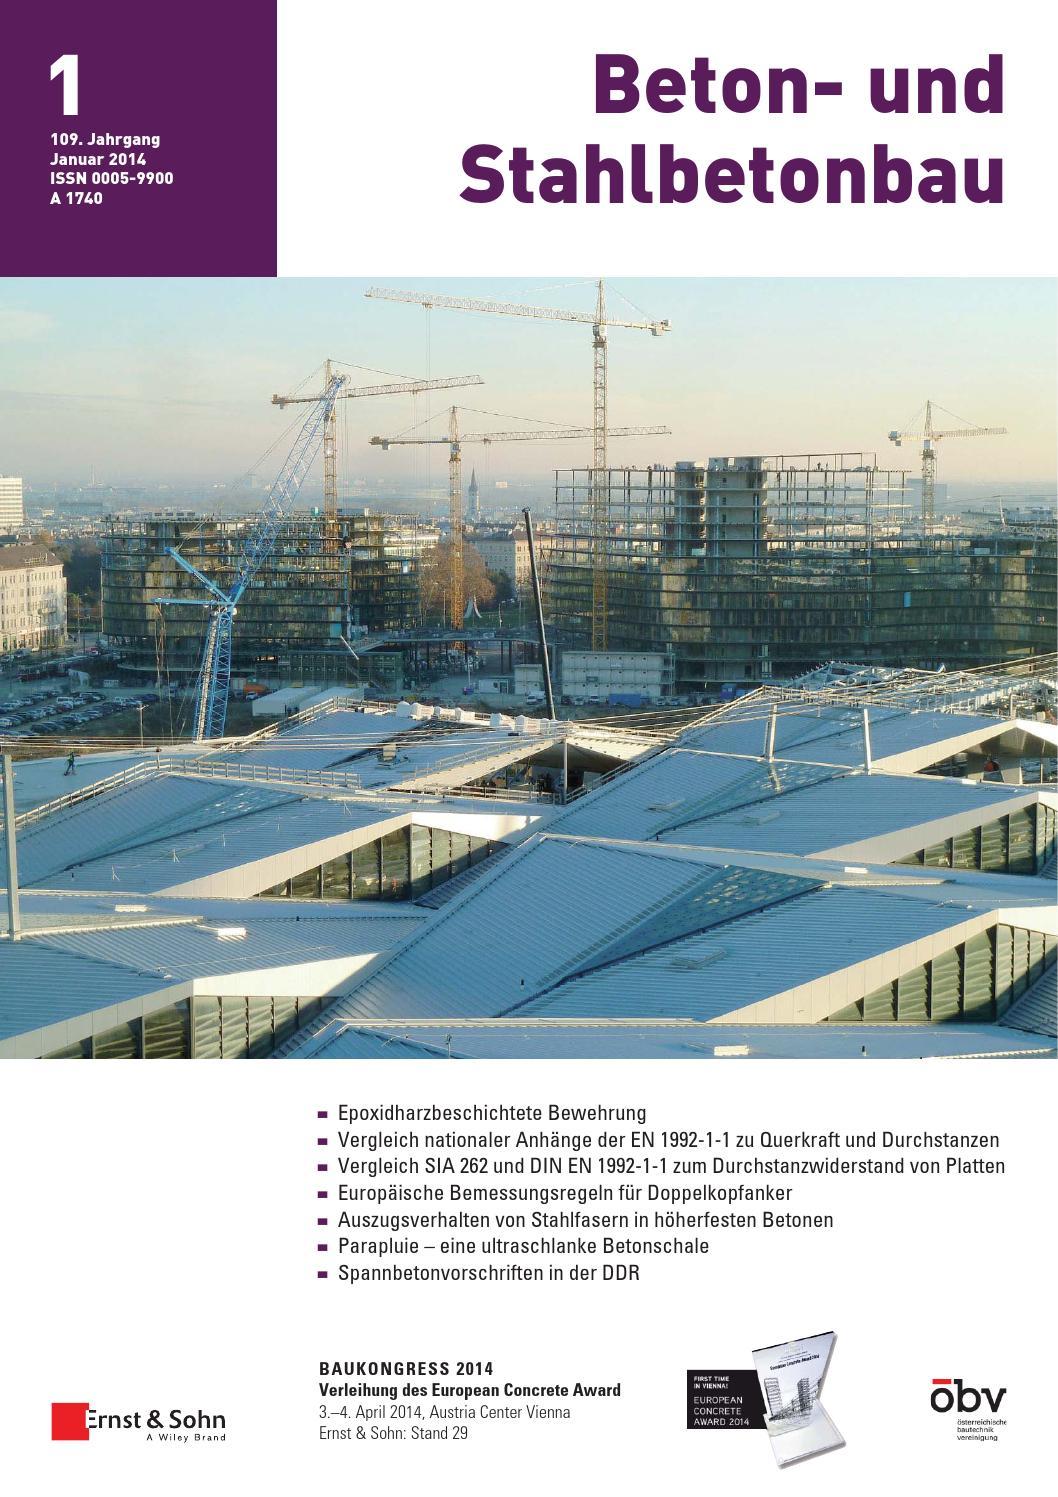 Beton- und Stahlbetonbau 01/2014 Free Sample Copy by Ernst & Sohn ...